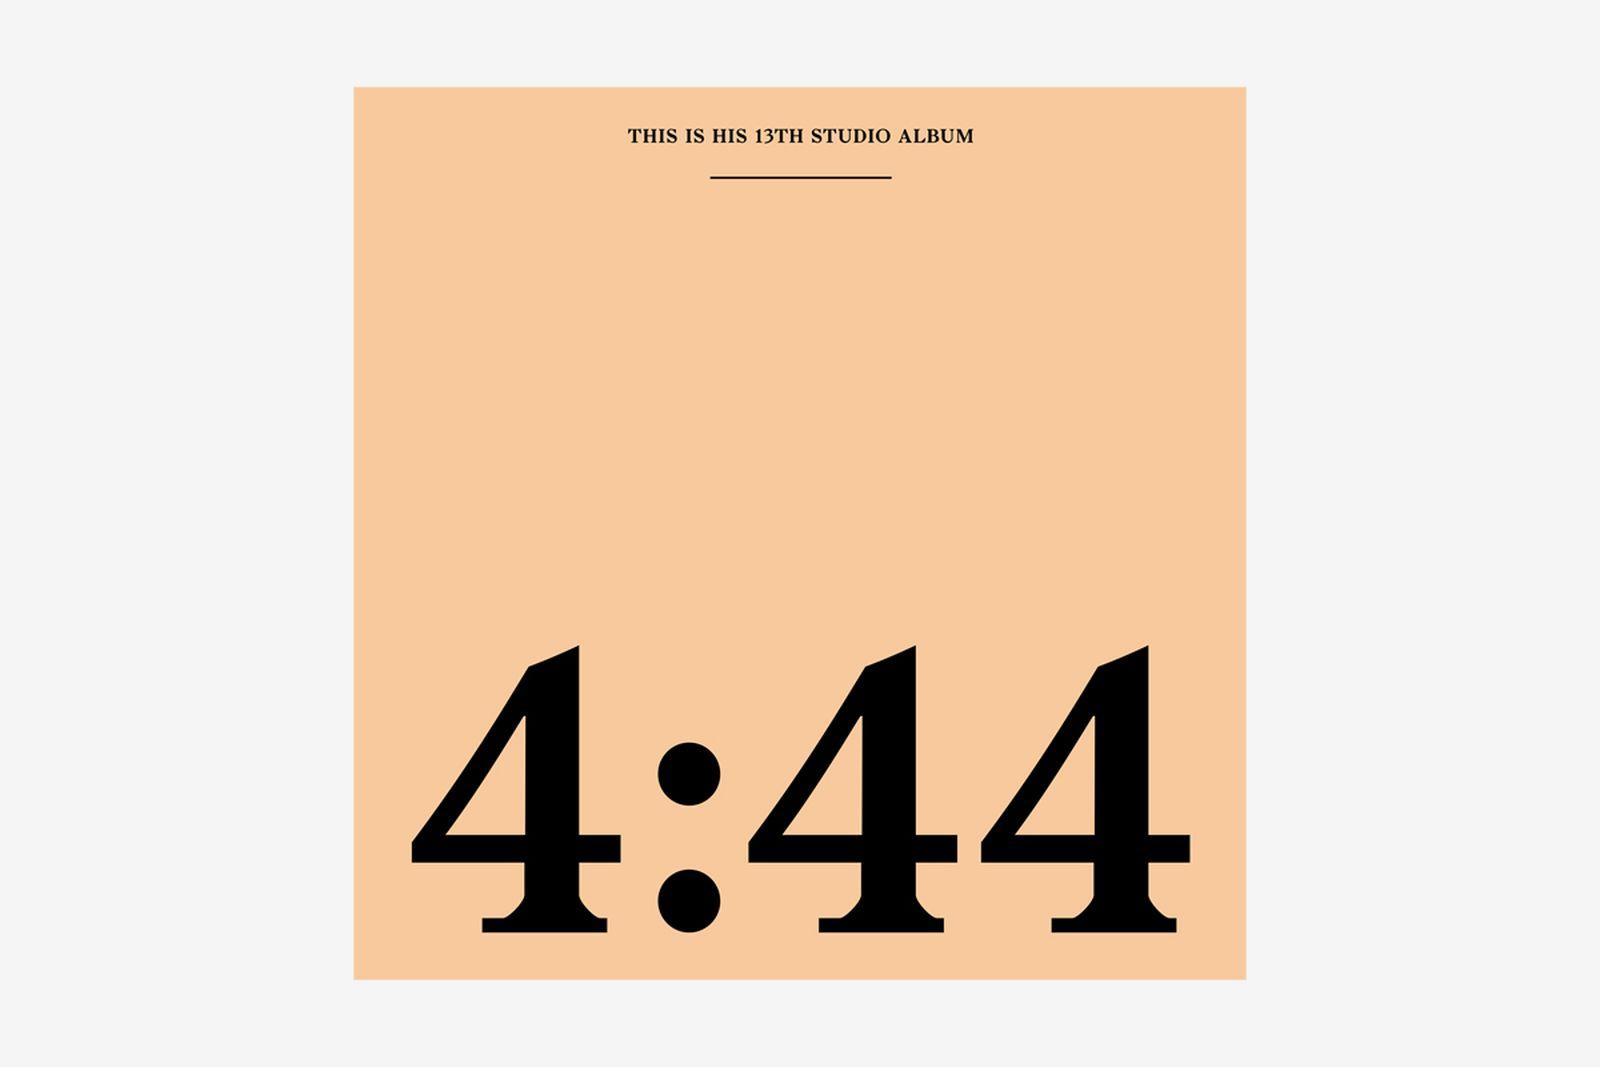 444-album-main